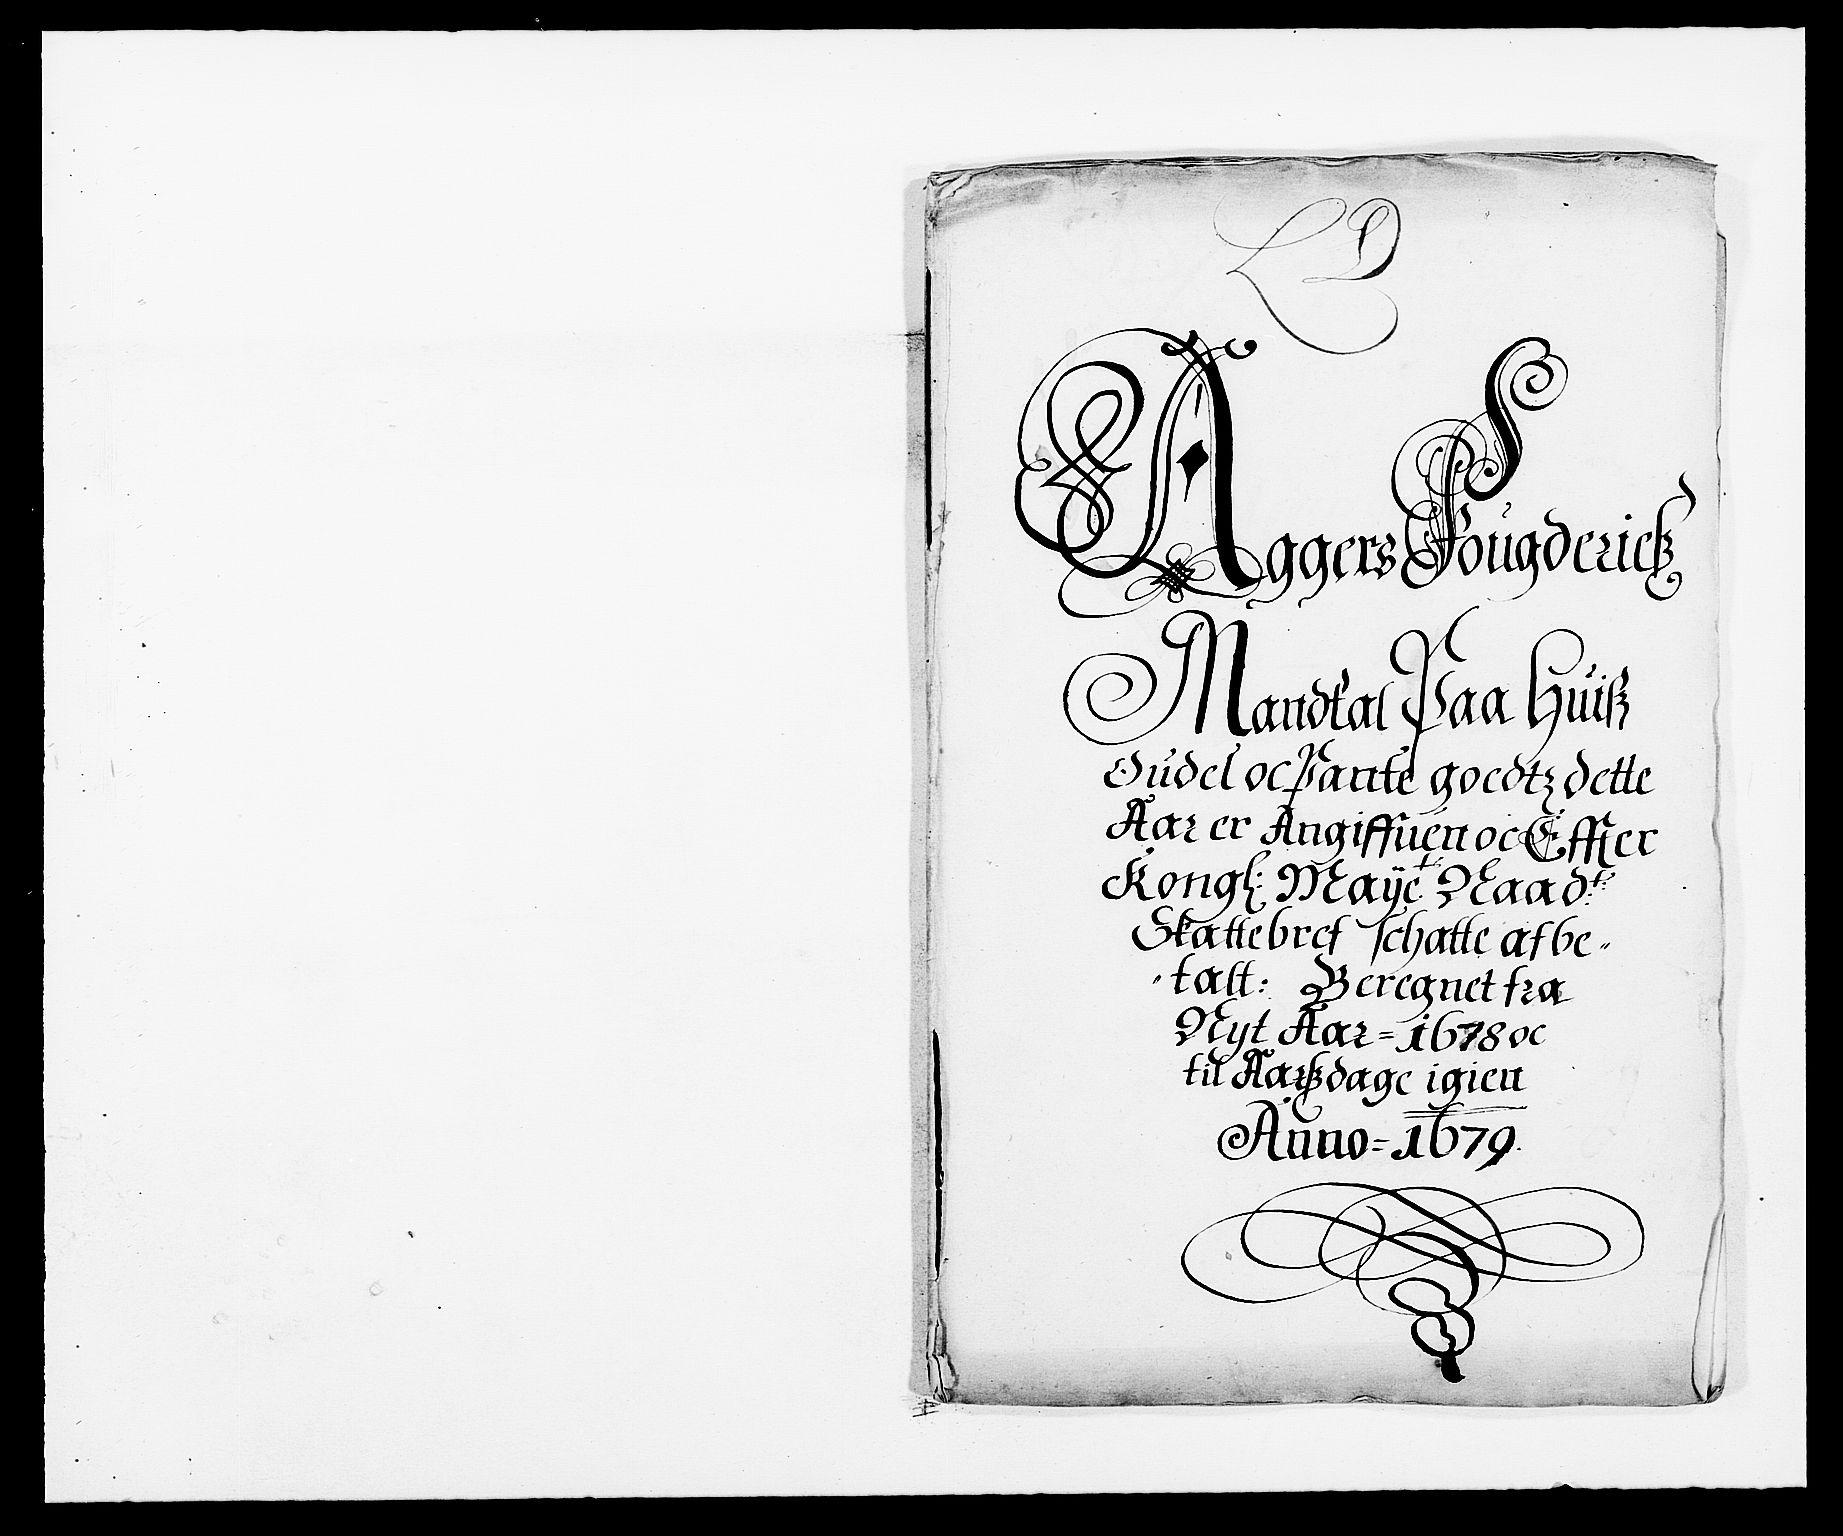 RA, Rentekammeret inntil 1814, Reviderte regnskaper, Fogderegnskap, R08/L0416: Fogderegnskap Aker, 1678-1681, s. 251